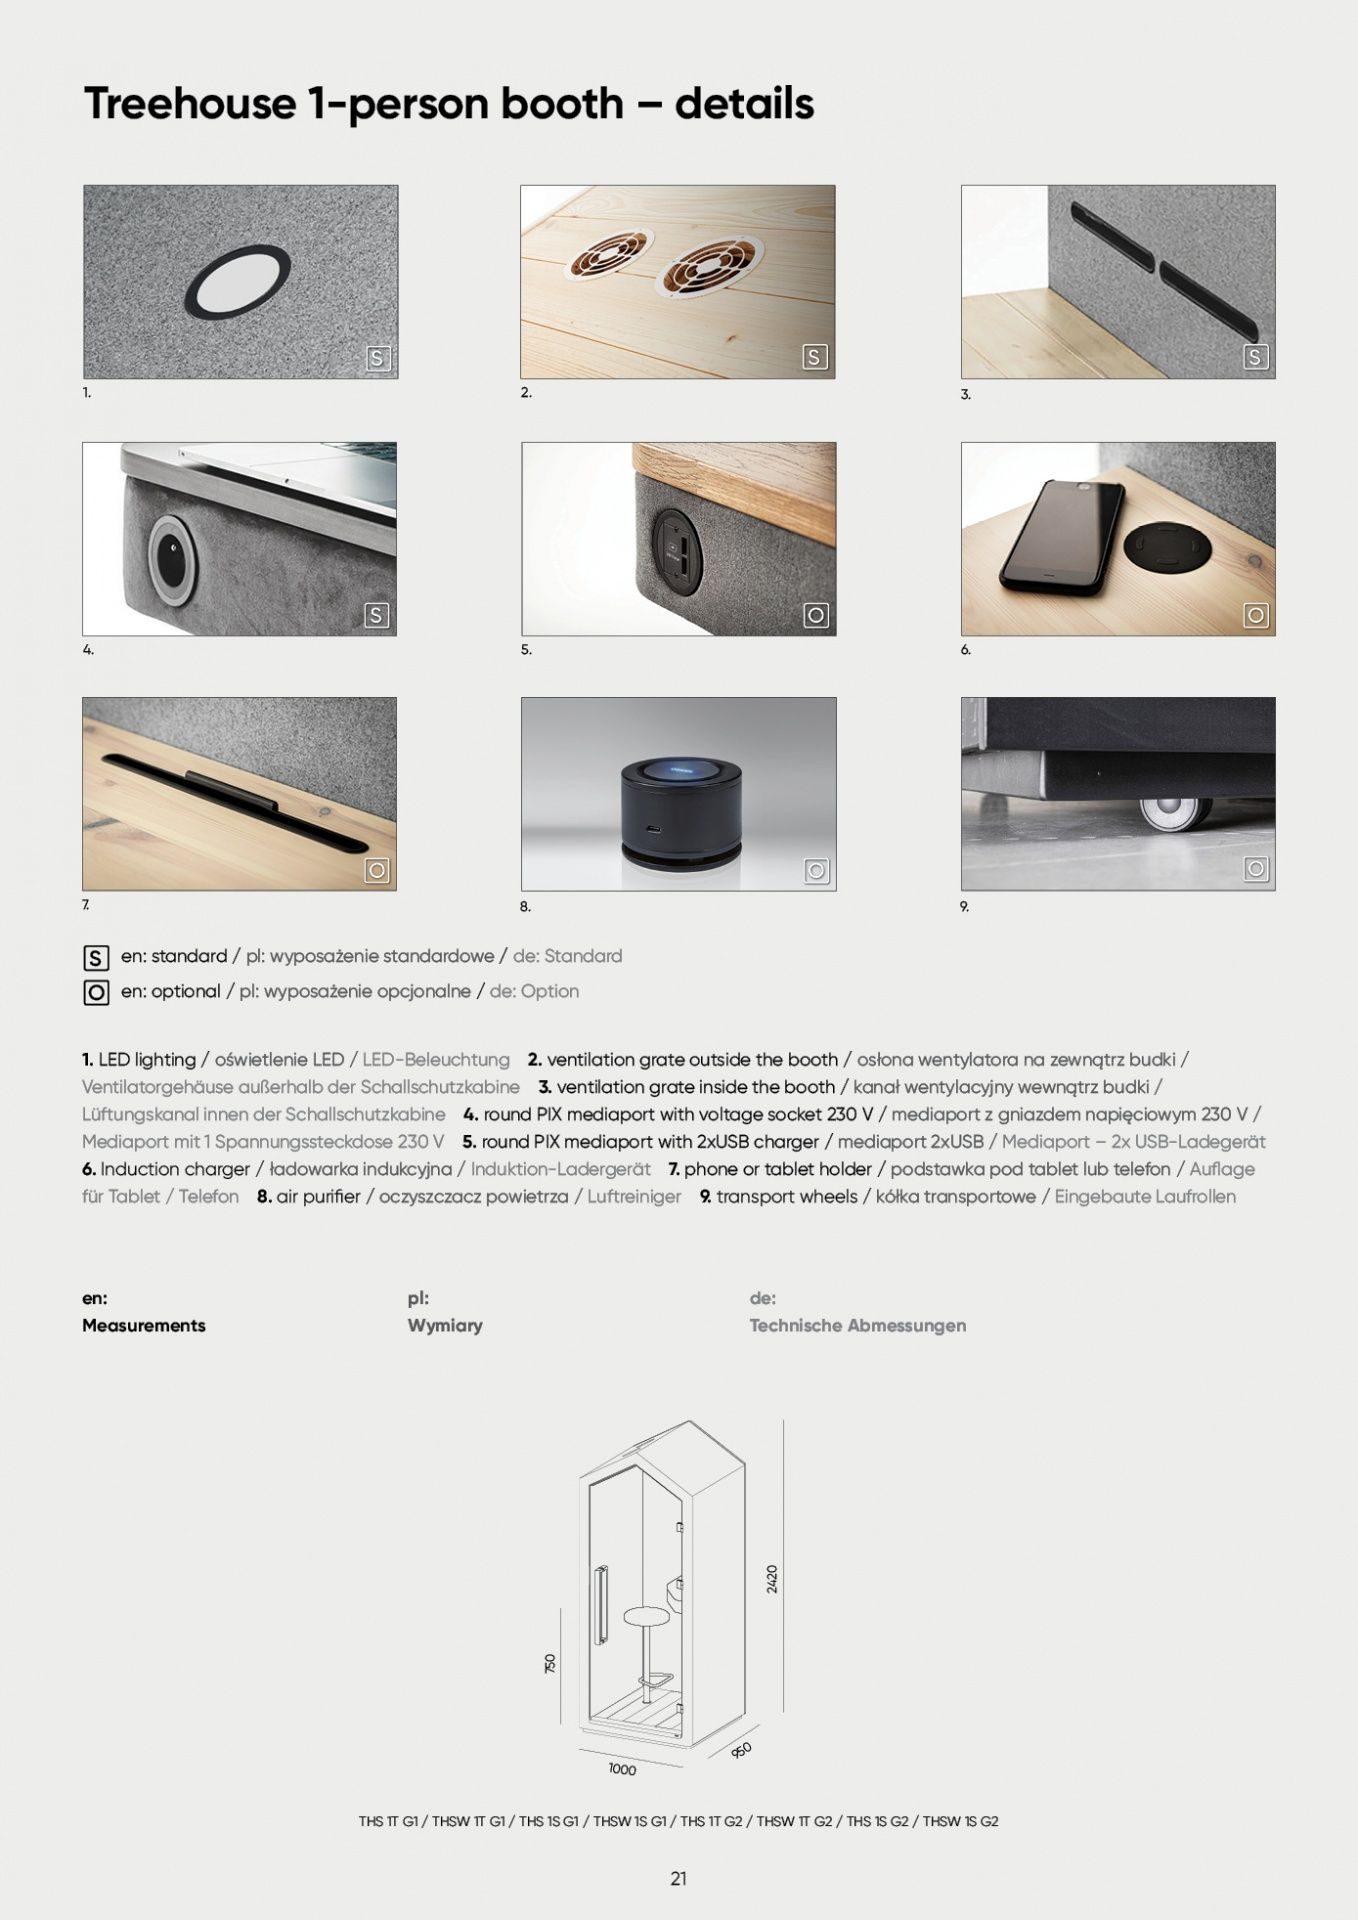 treehouse-catalogue-v2-21.jpg